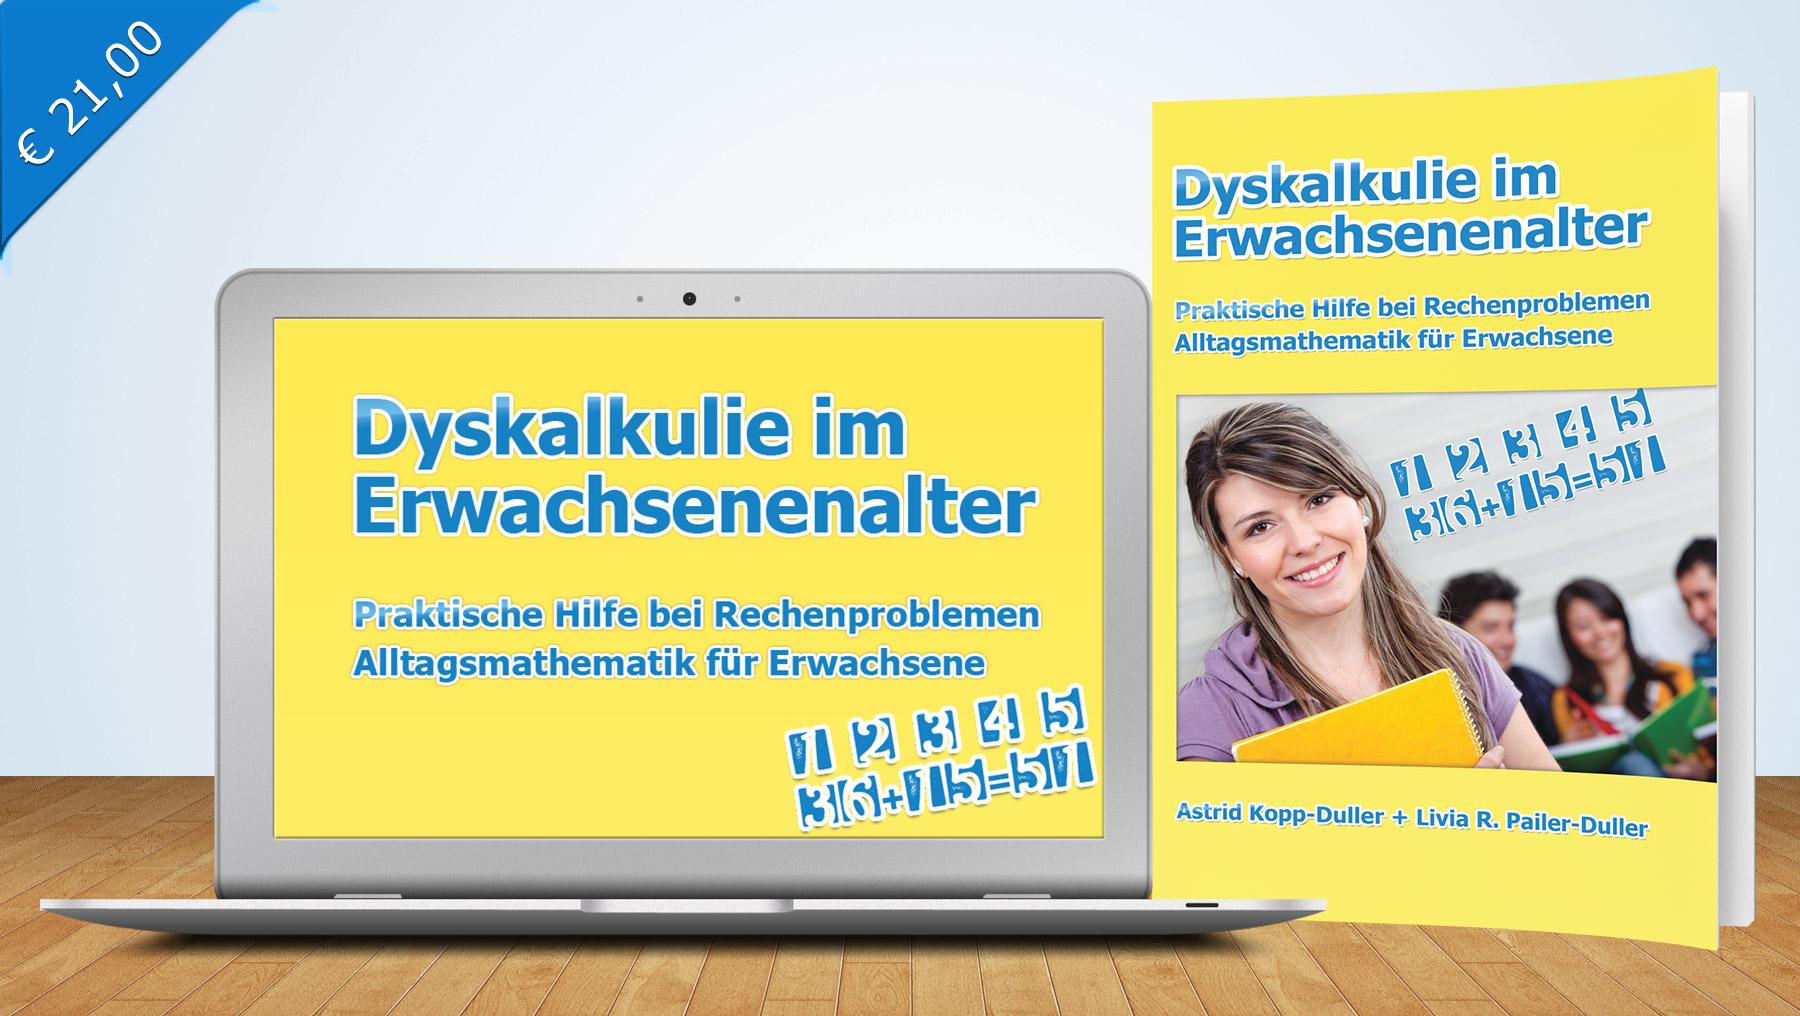 http://www.dyskalkulie-erw.de/resources/Erwachsenen_header.jpg